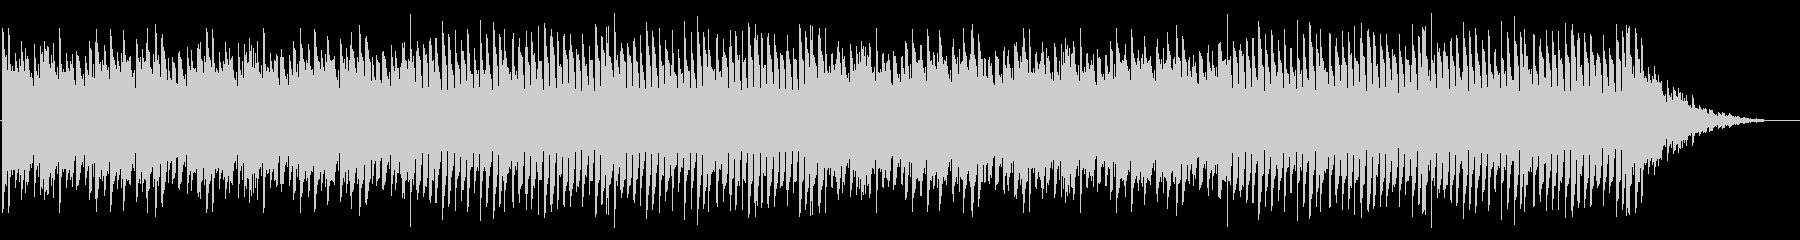 NES アクションD07-1(ボス) の未再生の波形